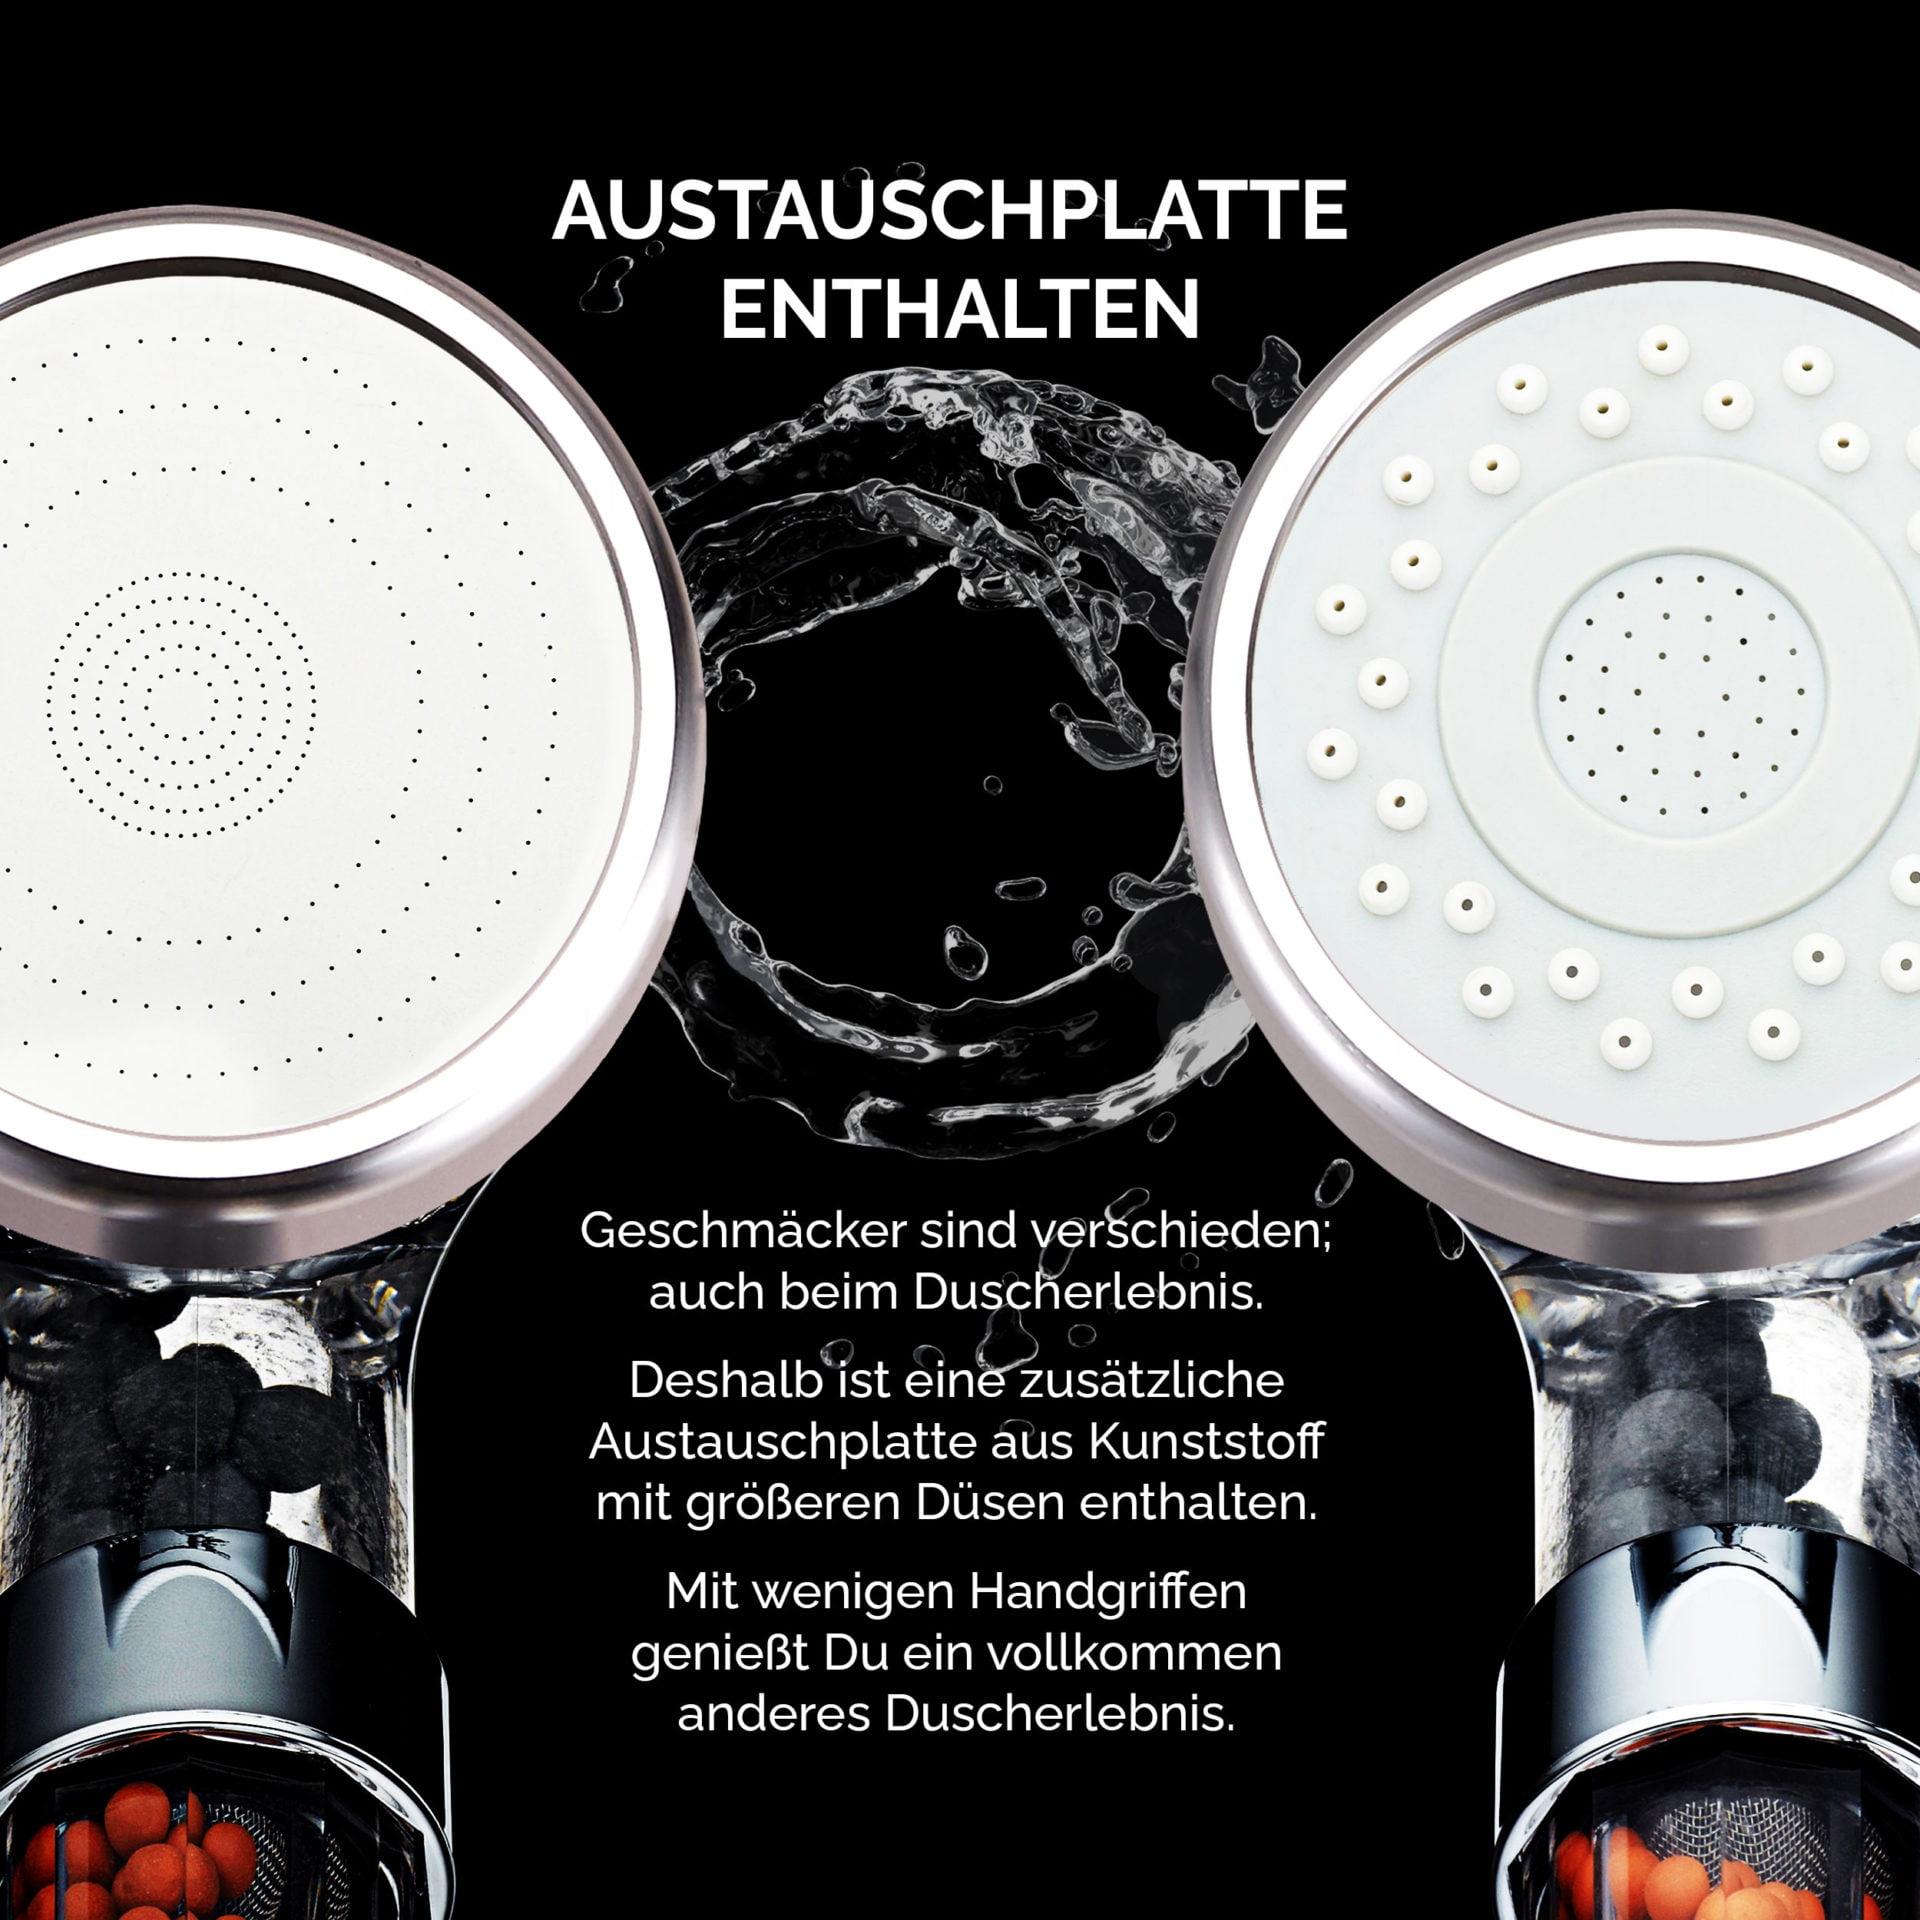 3996 Product - PRISMA Premium Duschkopf für ein einzigartiges Duscherlebnis